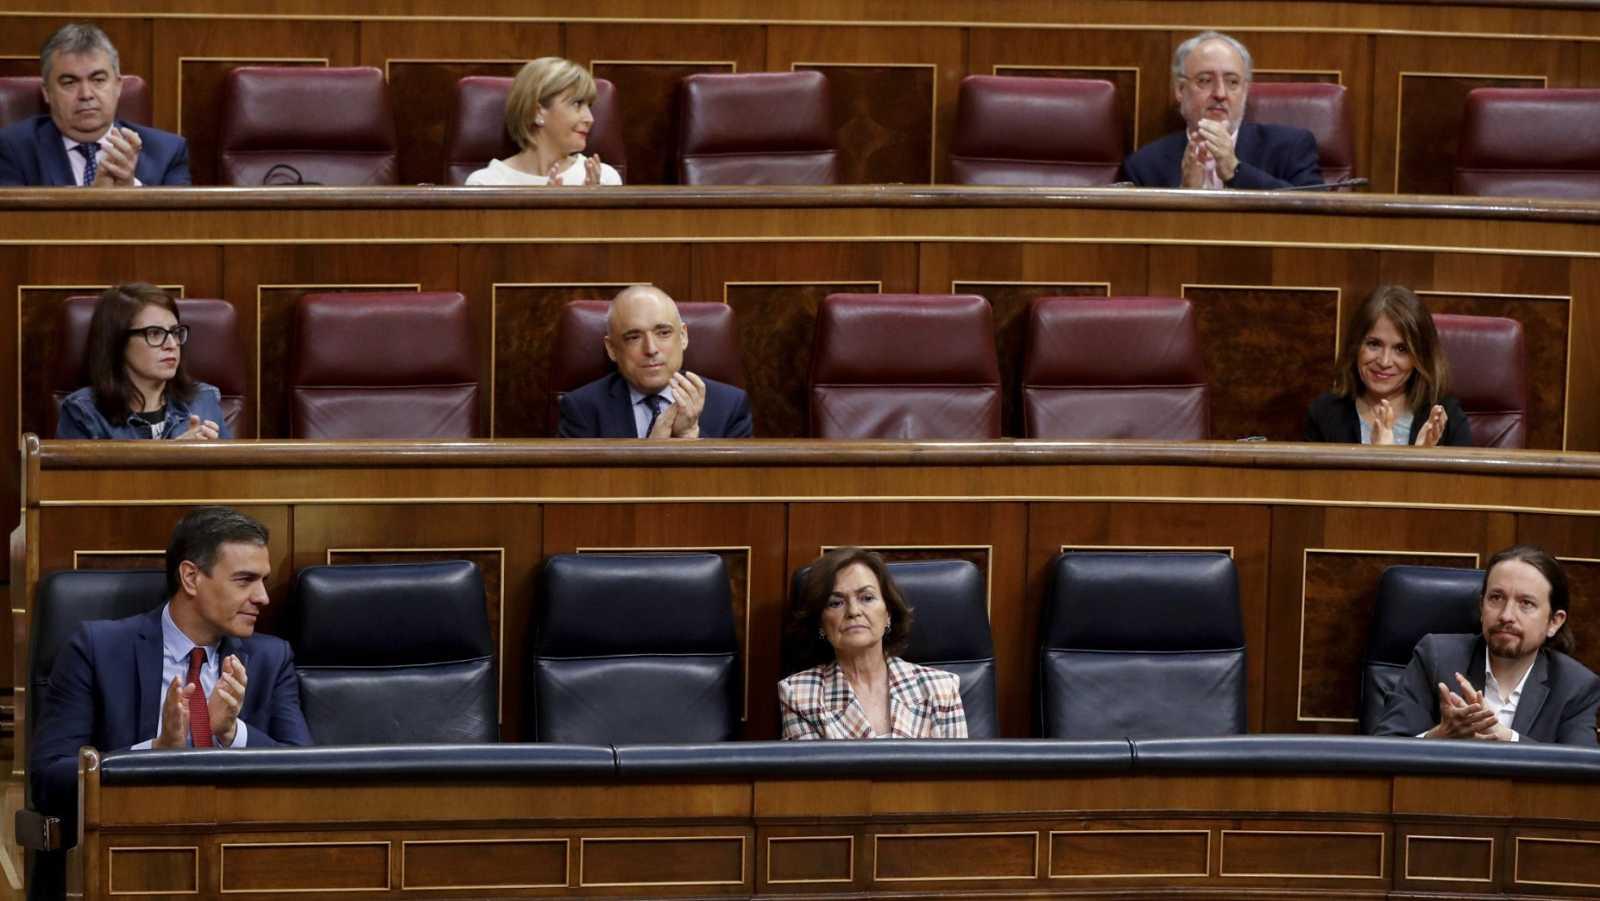 E PSOE mantiene una ventaja de once puntos sobre el PP según el último barómetro del CIS